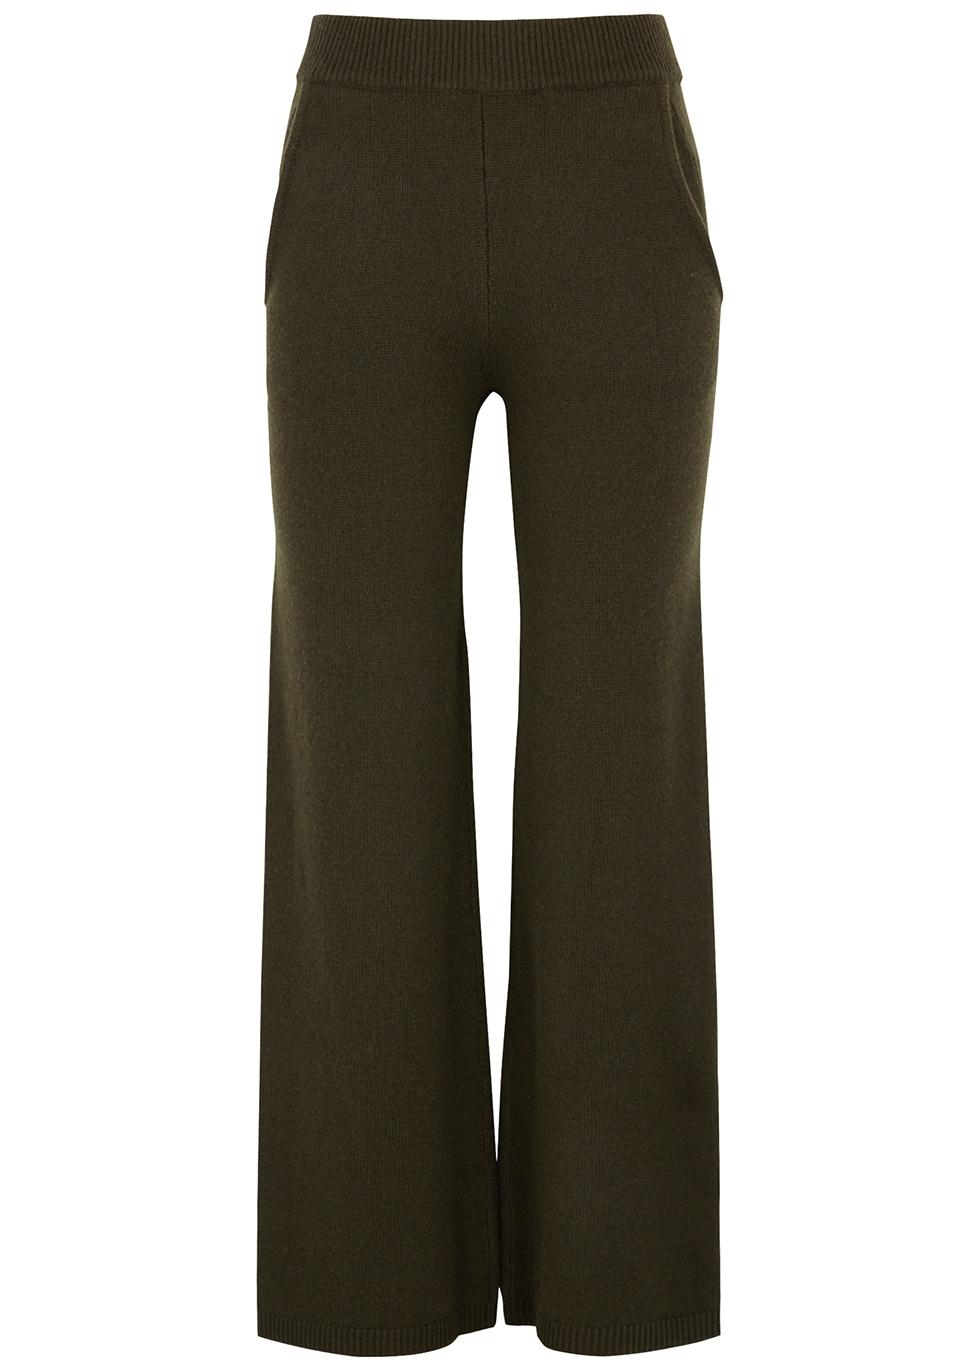 Green wool-blend wide-leg trousers